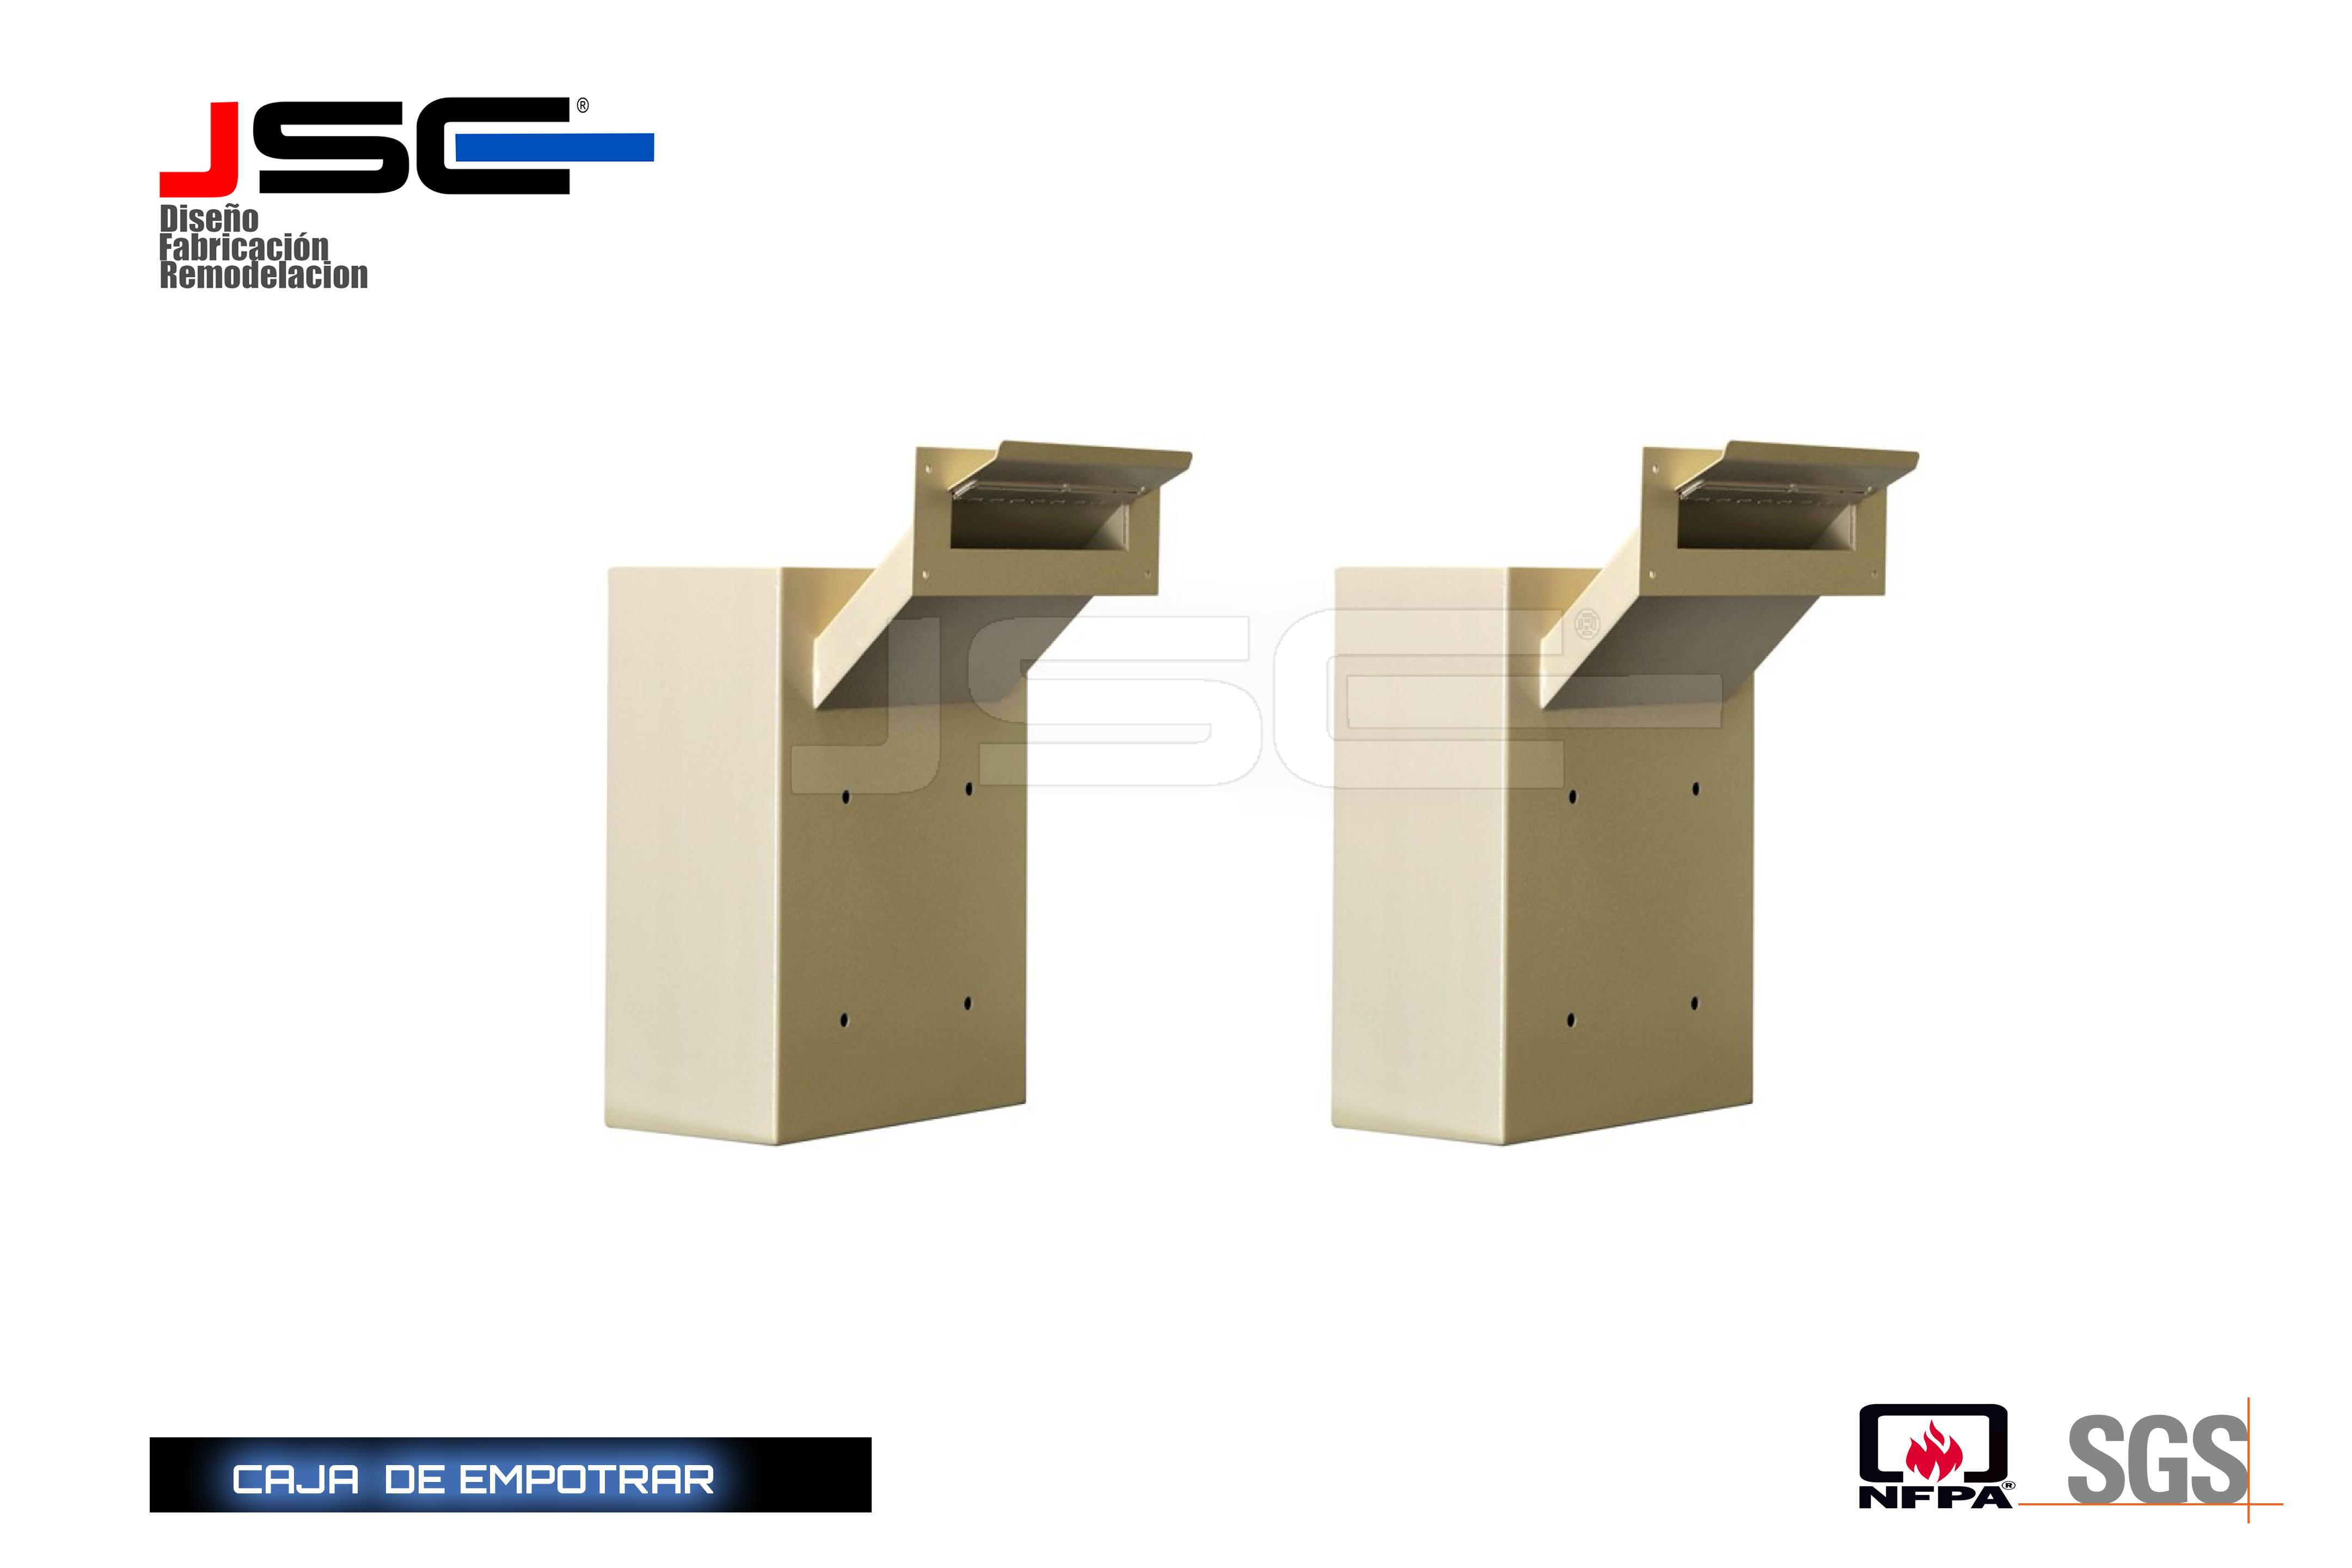 Caja de empotrar JSCE006